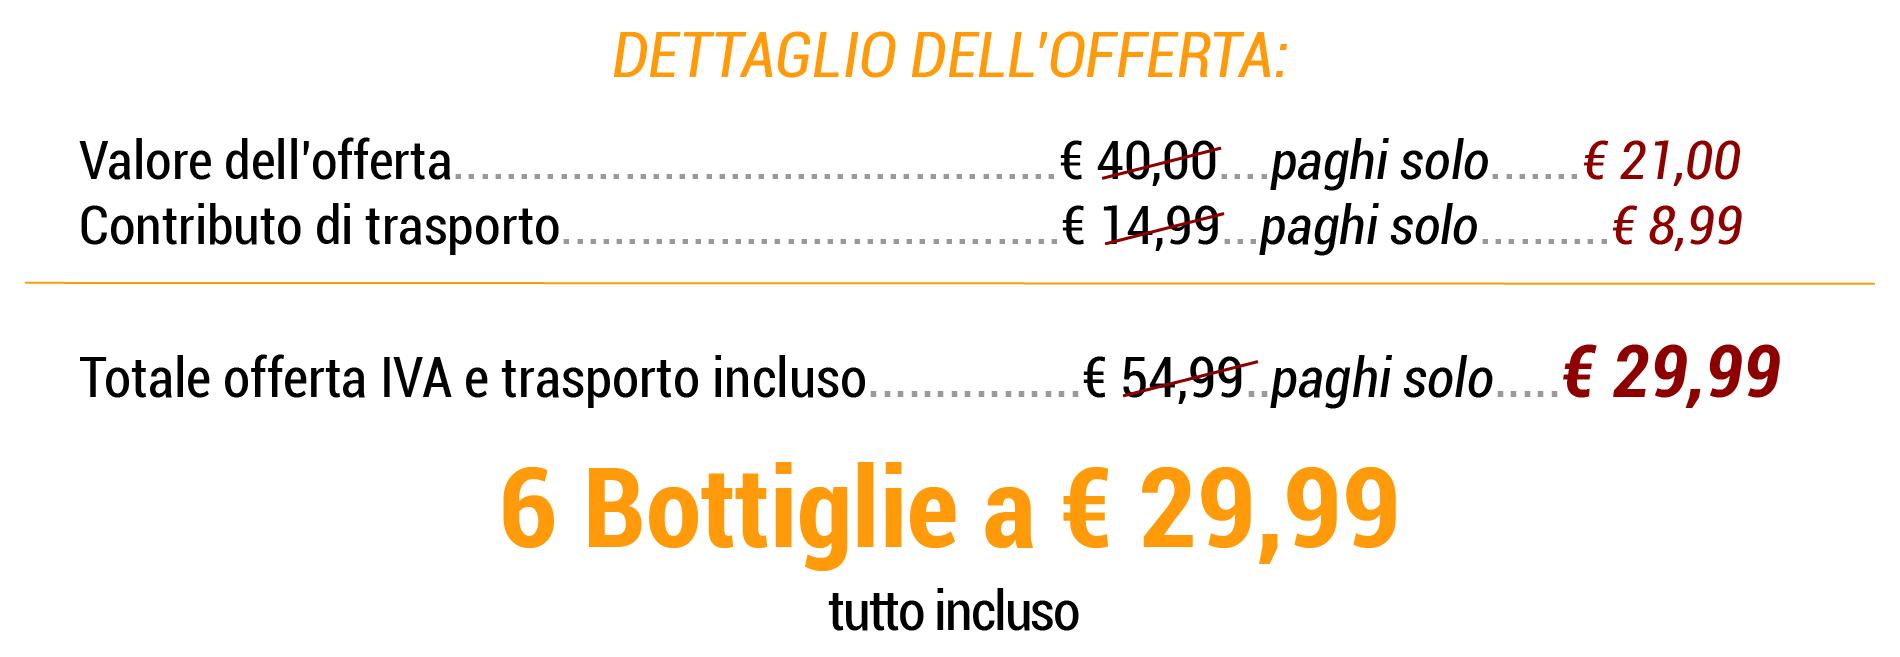 6 bottiglie € 29,99 tutto incluso